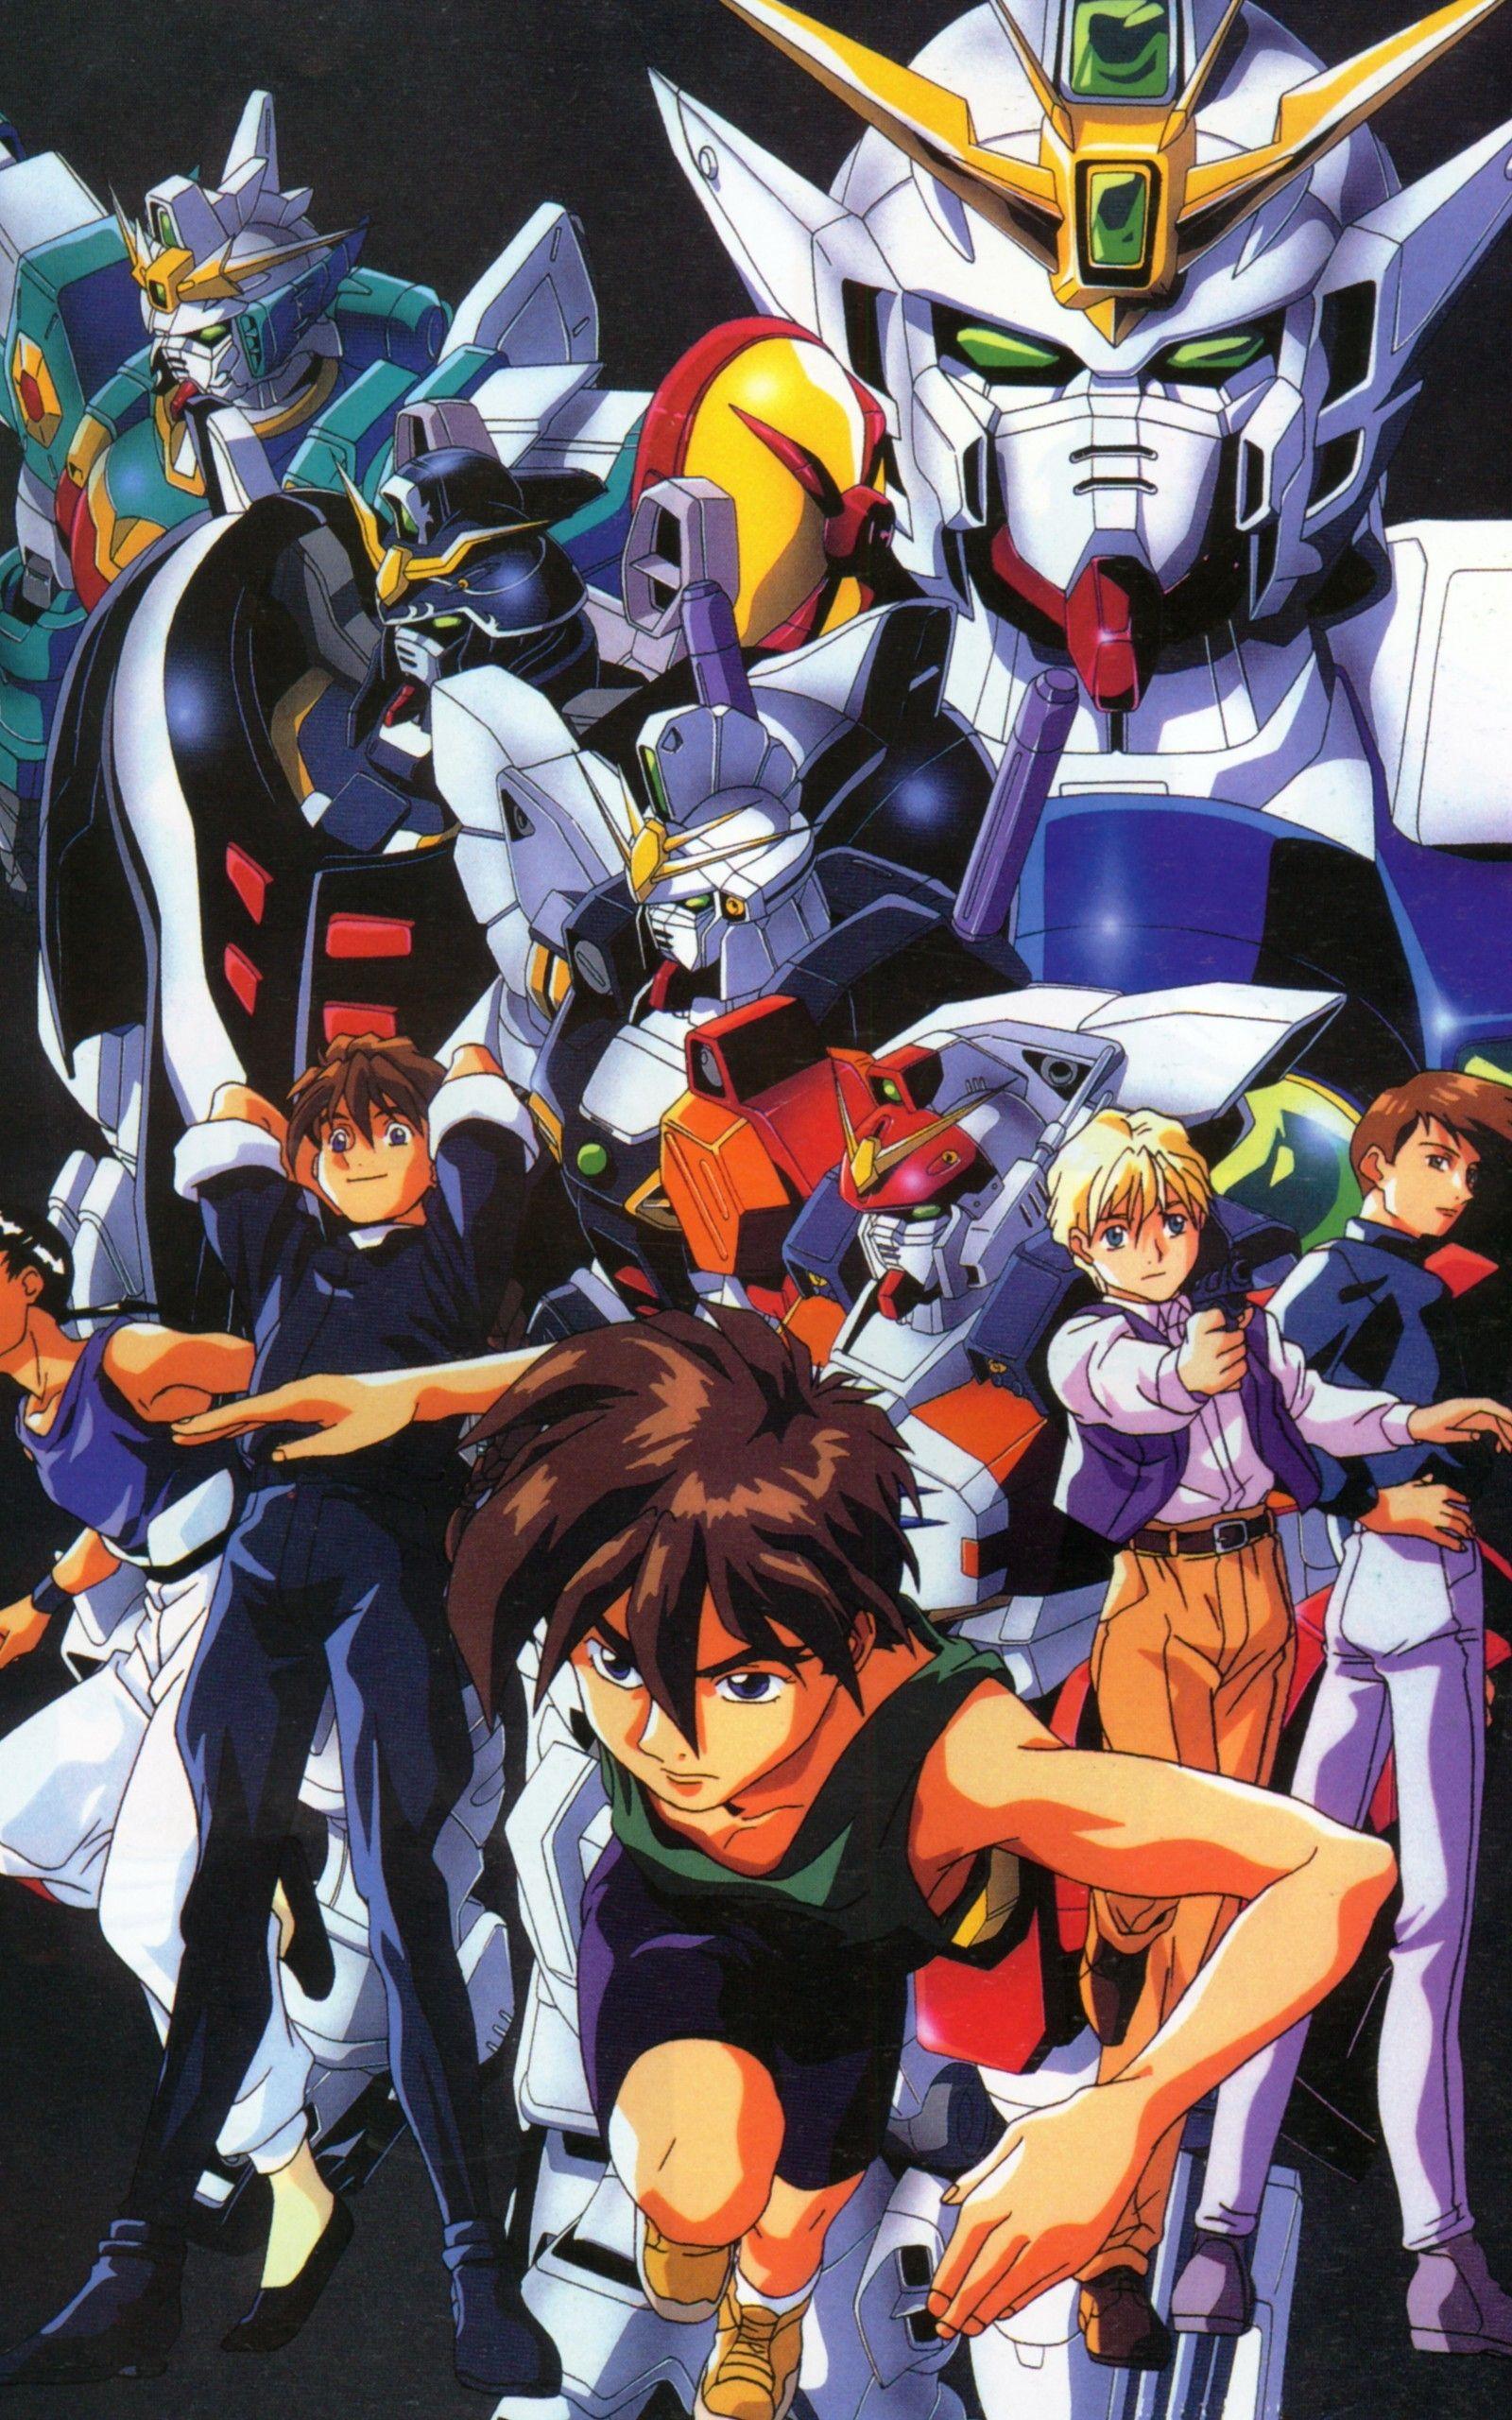 Gundam Wallpaper 1440x2560 mywallpapers site Animasi